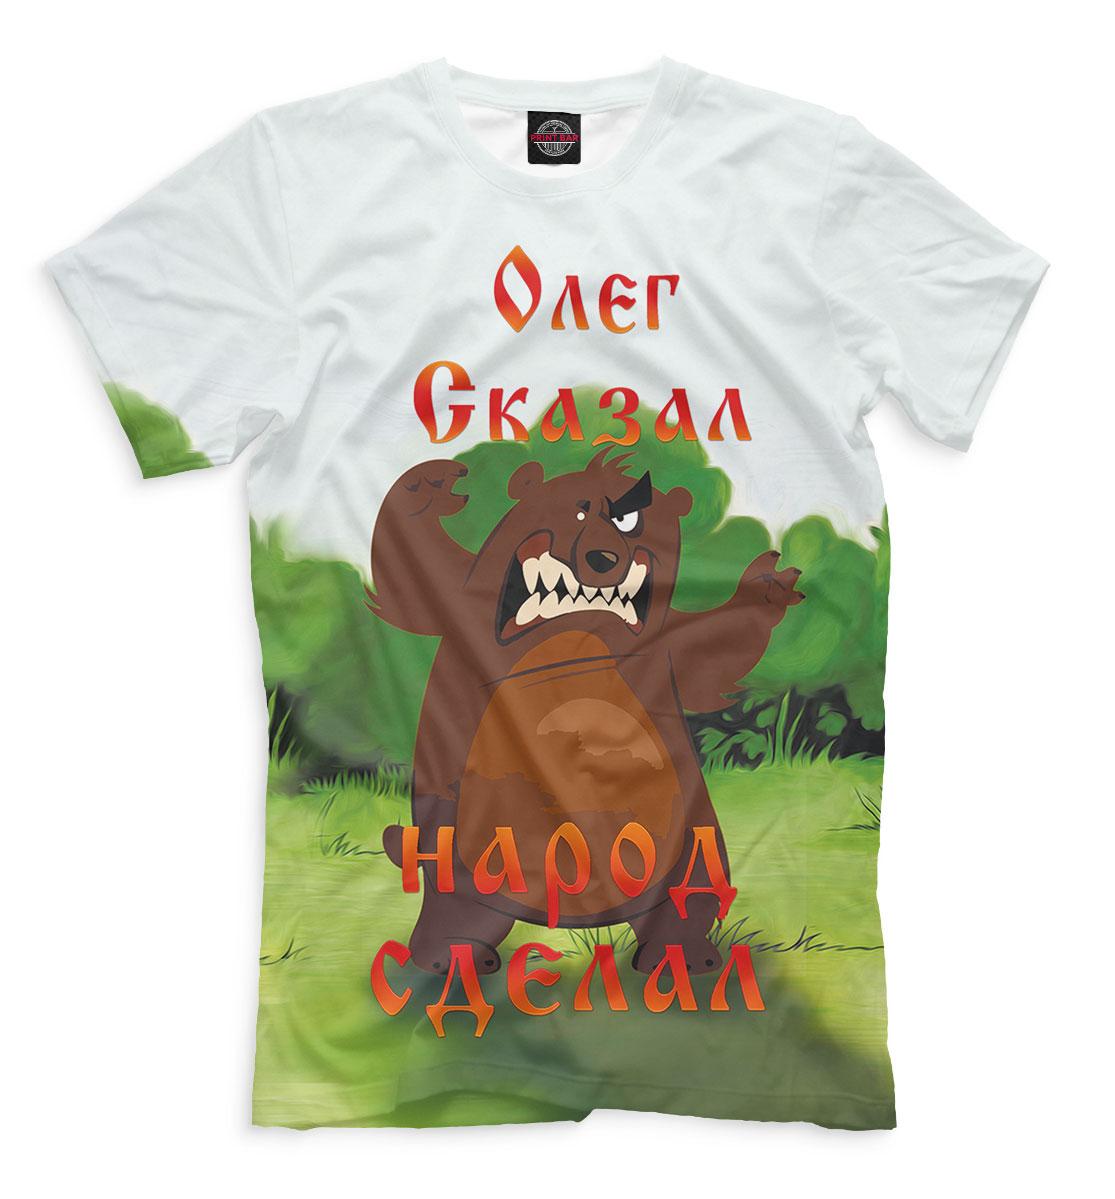 Купить Олег сказал, Printbar, Футболки, OLG-606826-fut-2